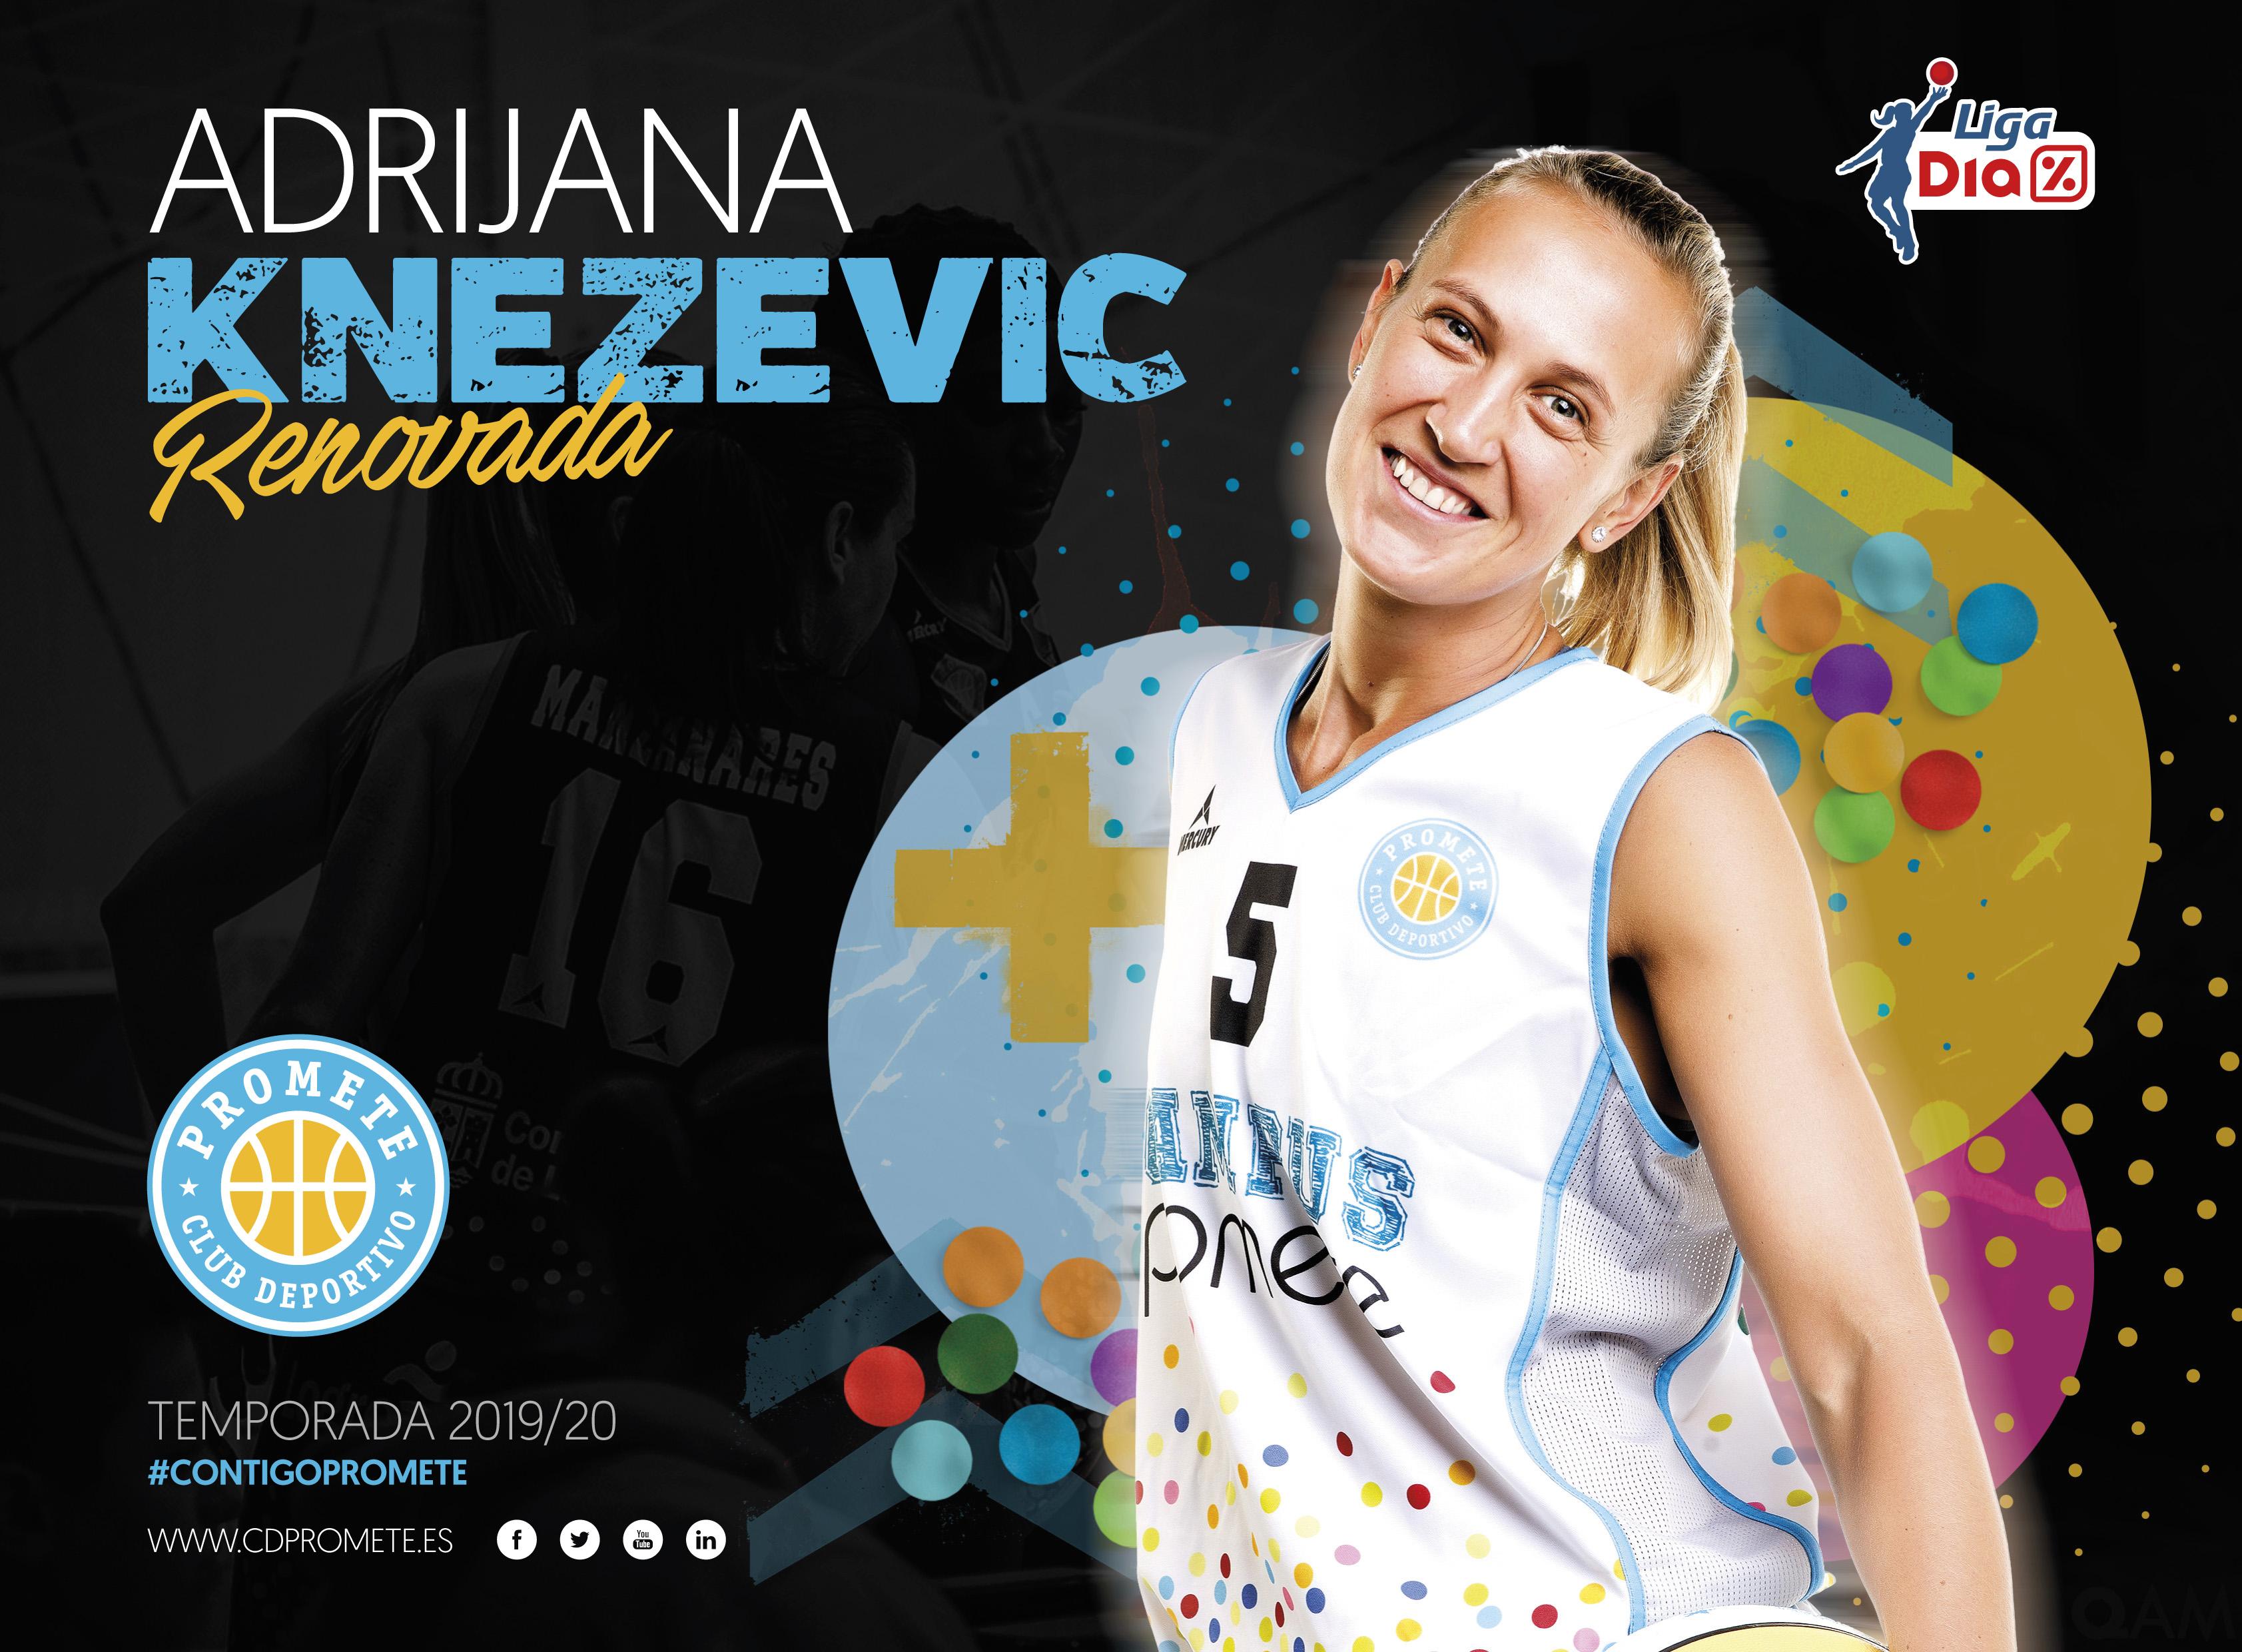 Adrijana Knezevic también regresa a Liga DIA con el Campus Promete